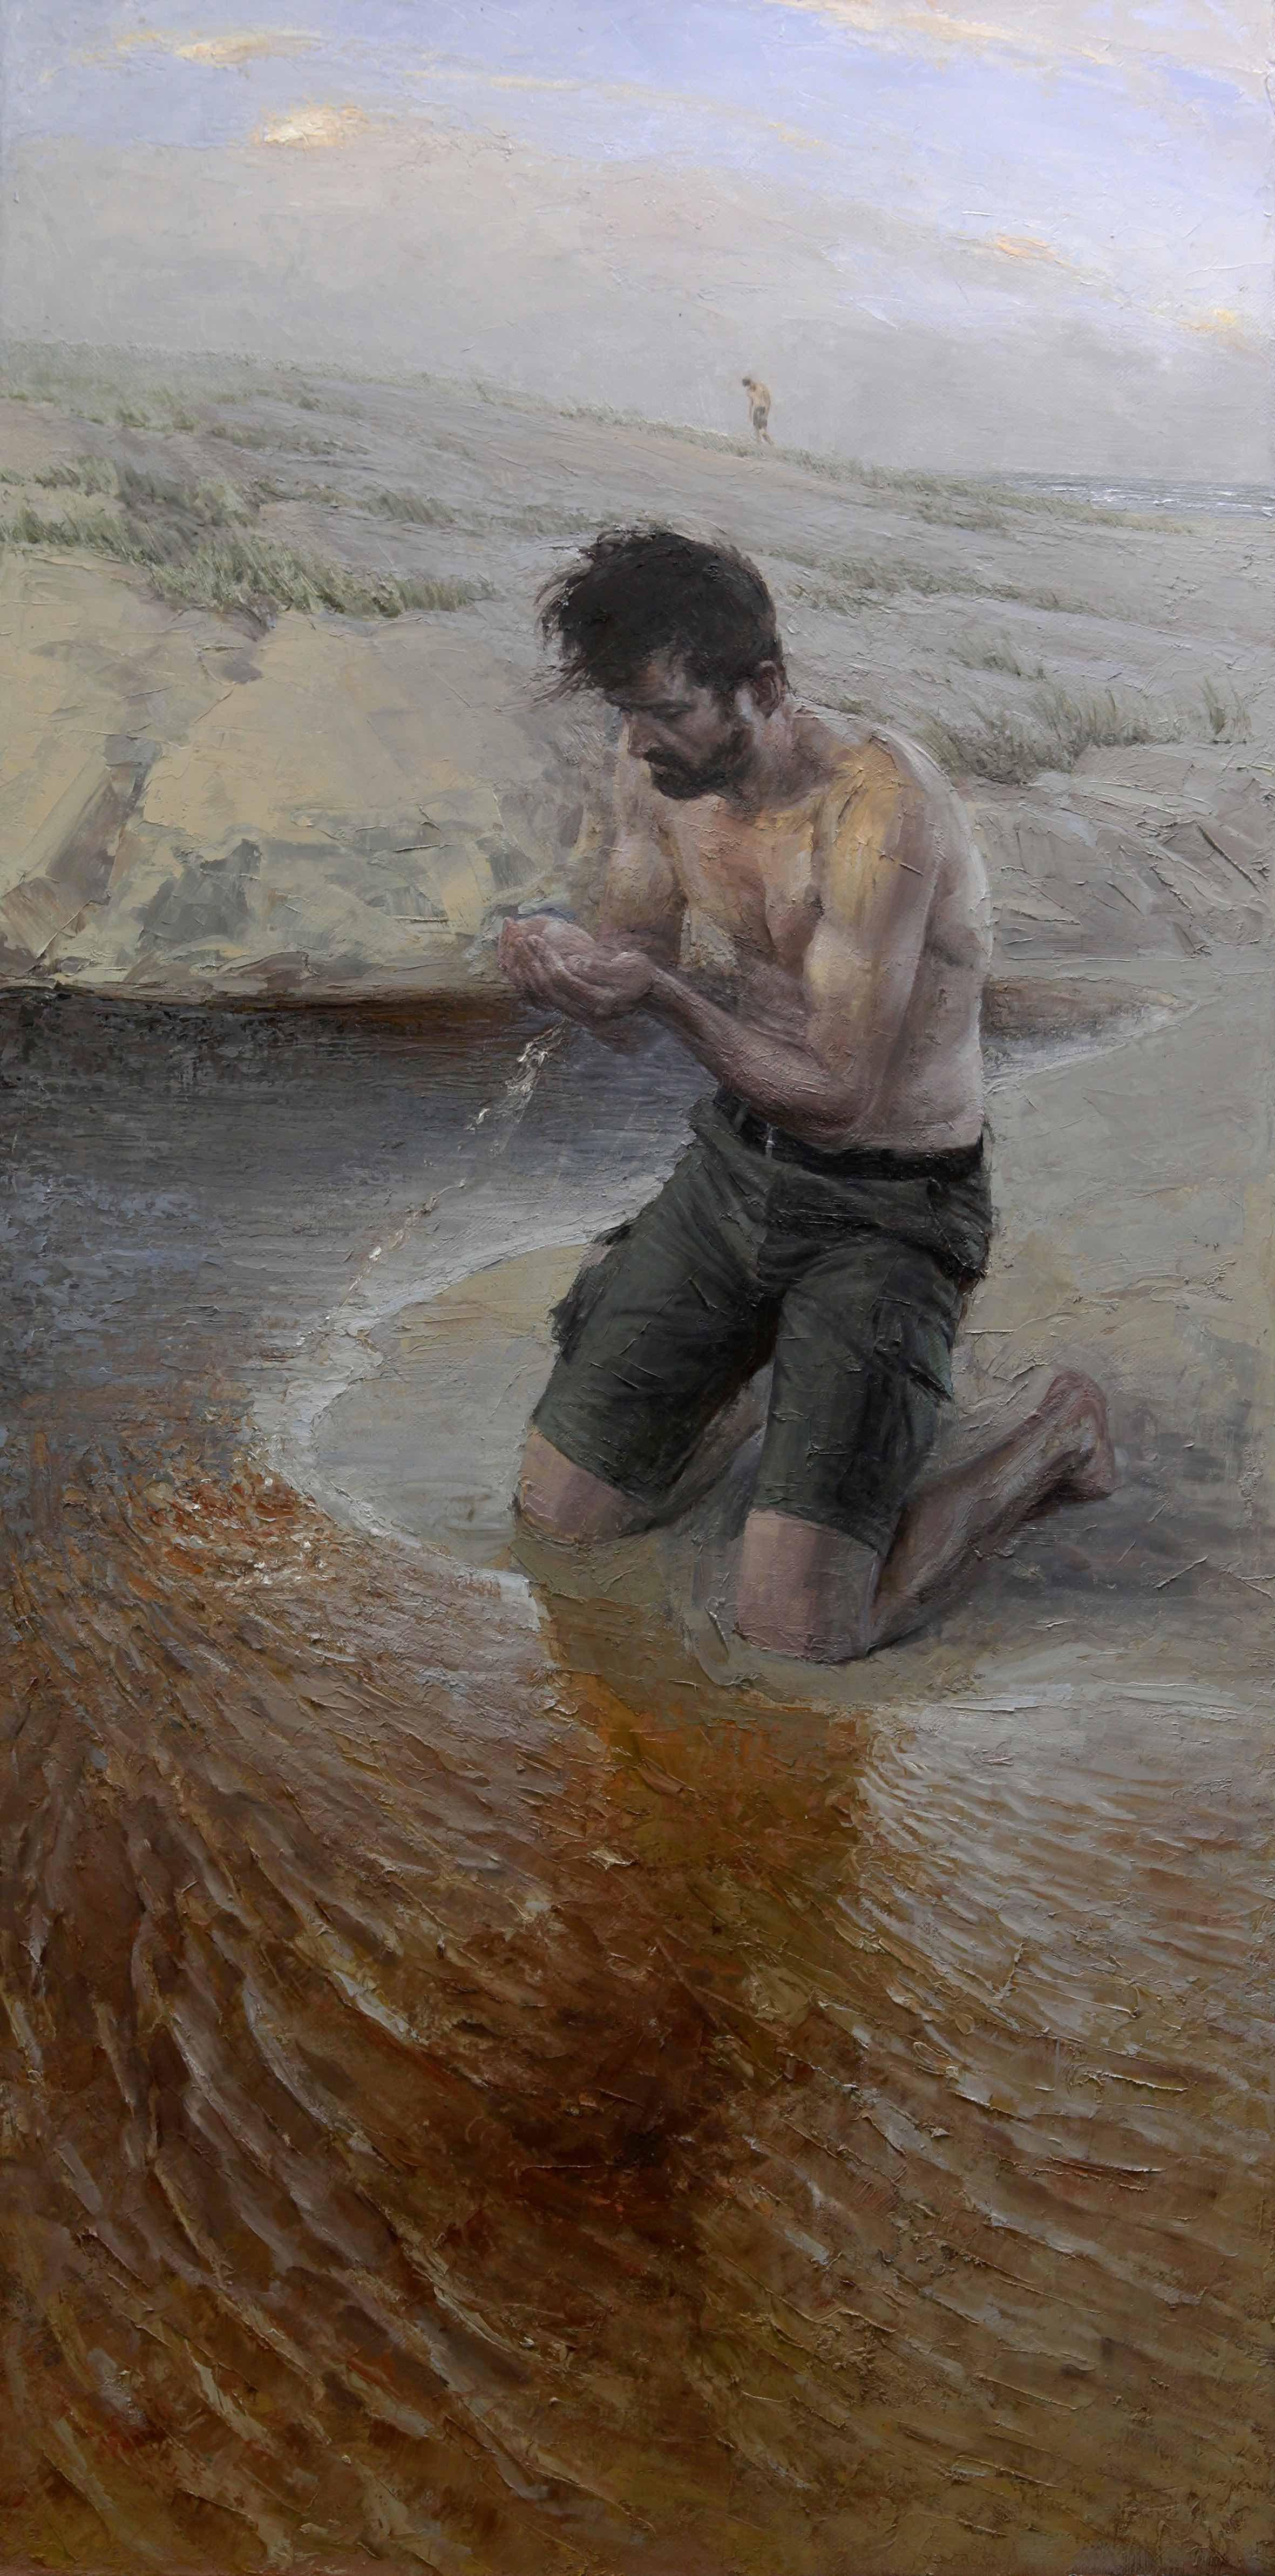 Finding Freshwater_Scott Breton_Oil on Linen_122x61cm_$2400.jpg